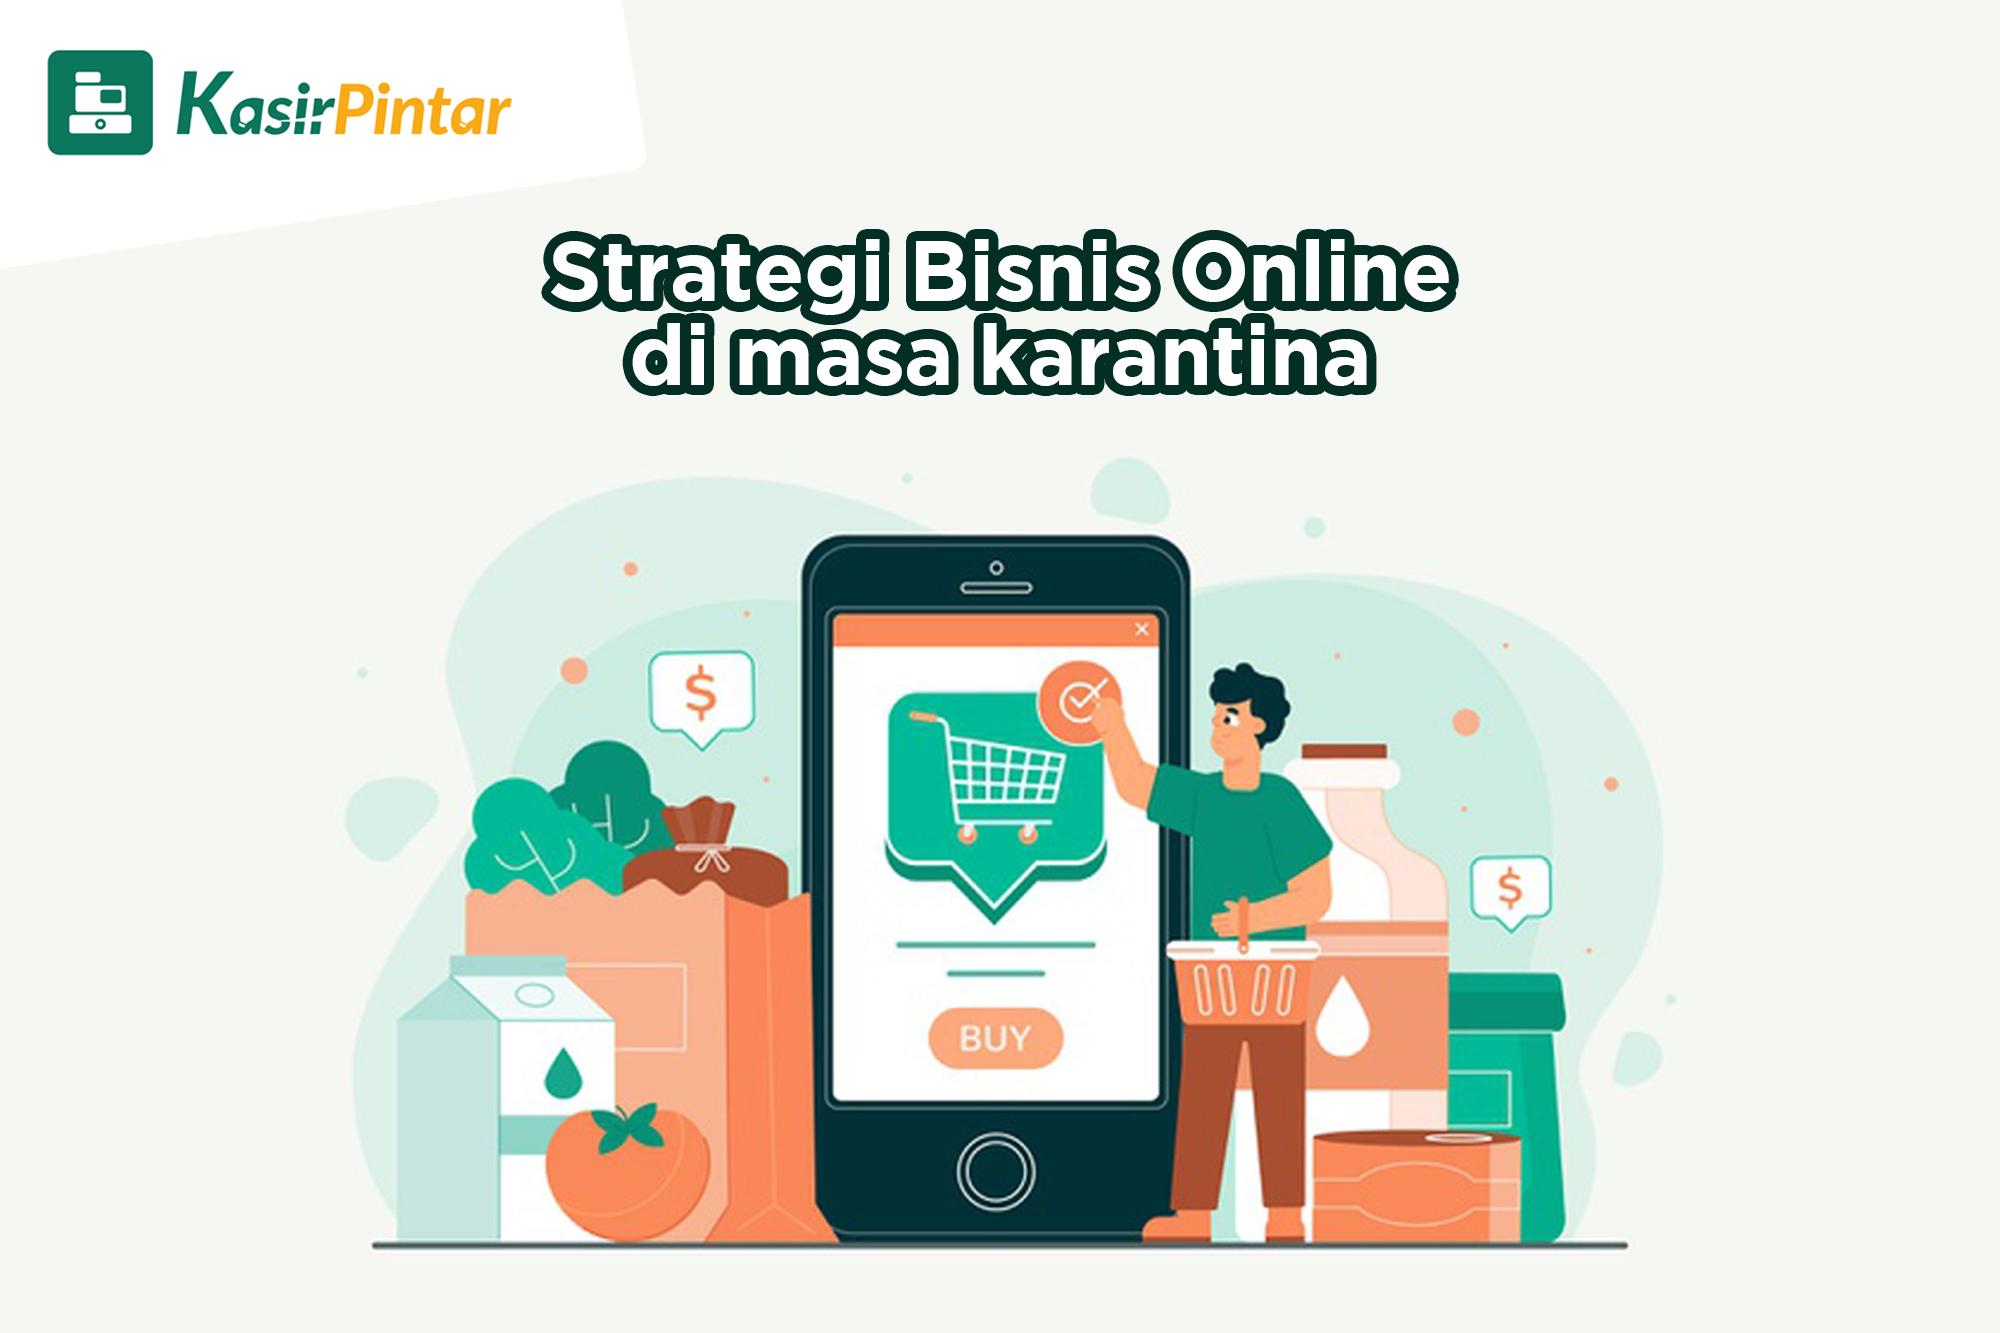 Strategi Bisnis Online di masa karantina - Blog Kasir Pintar